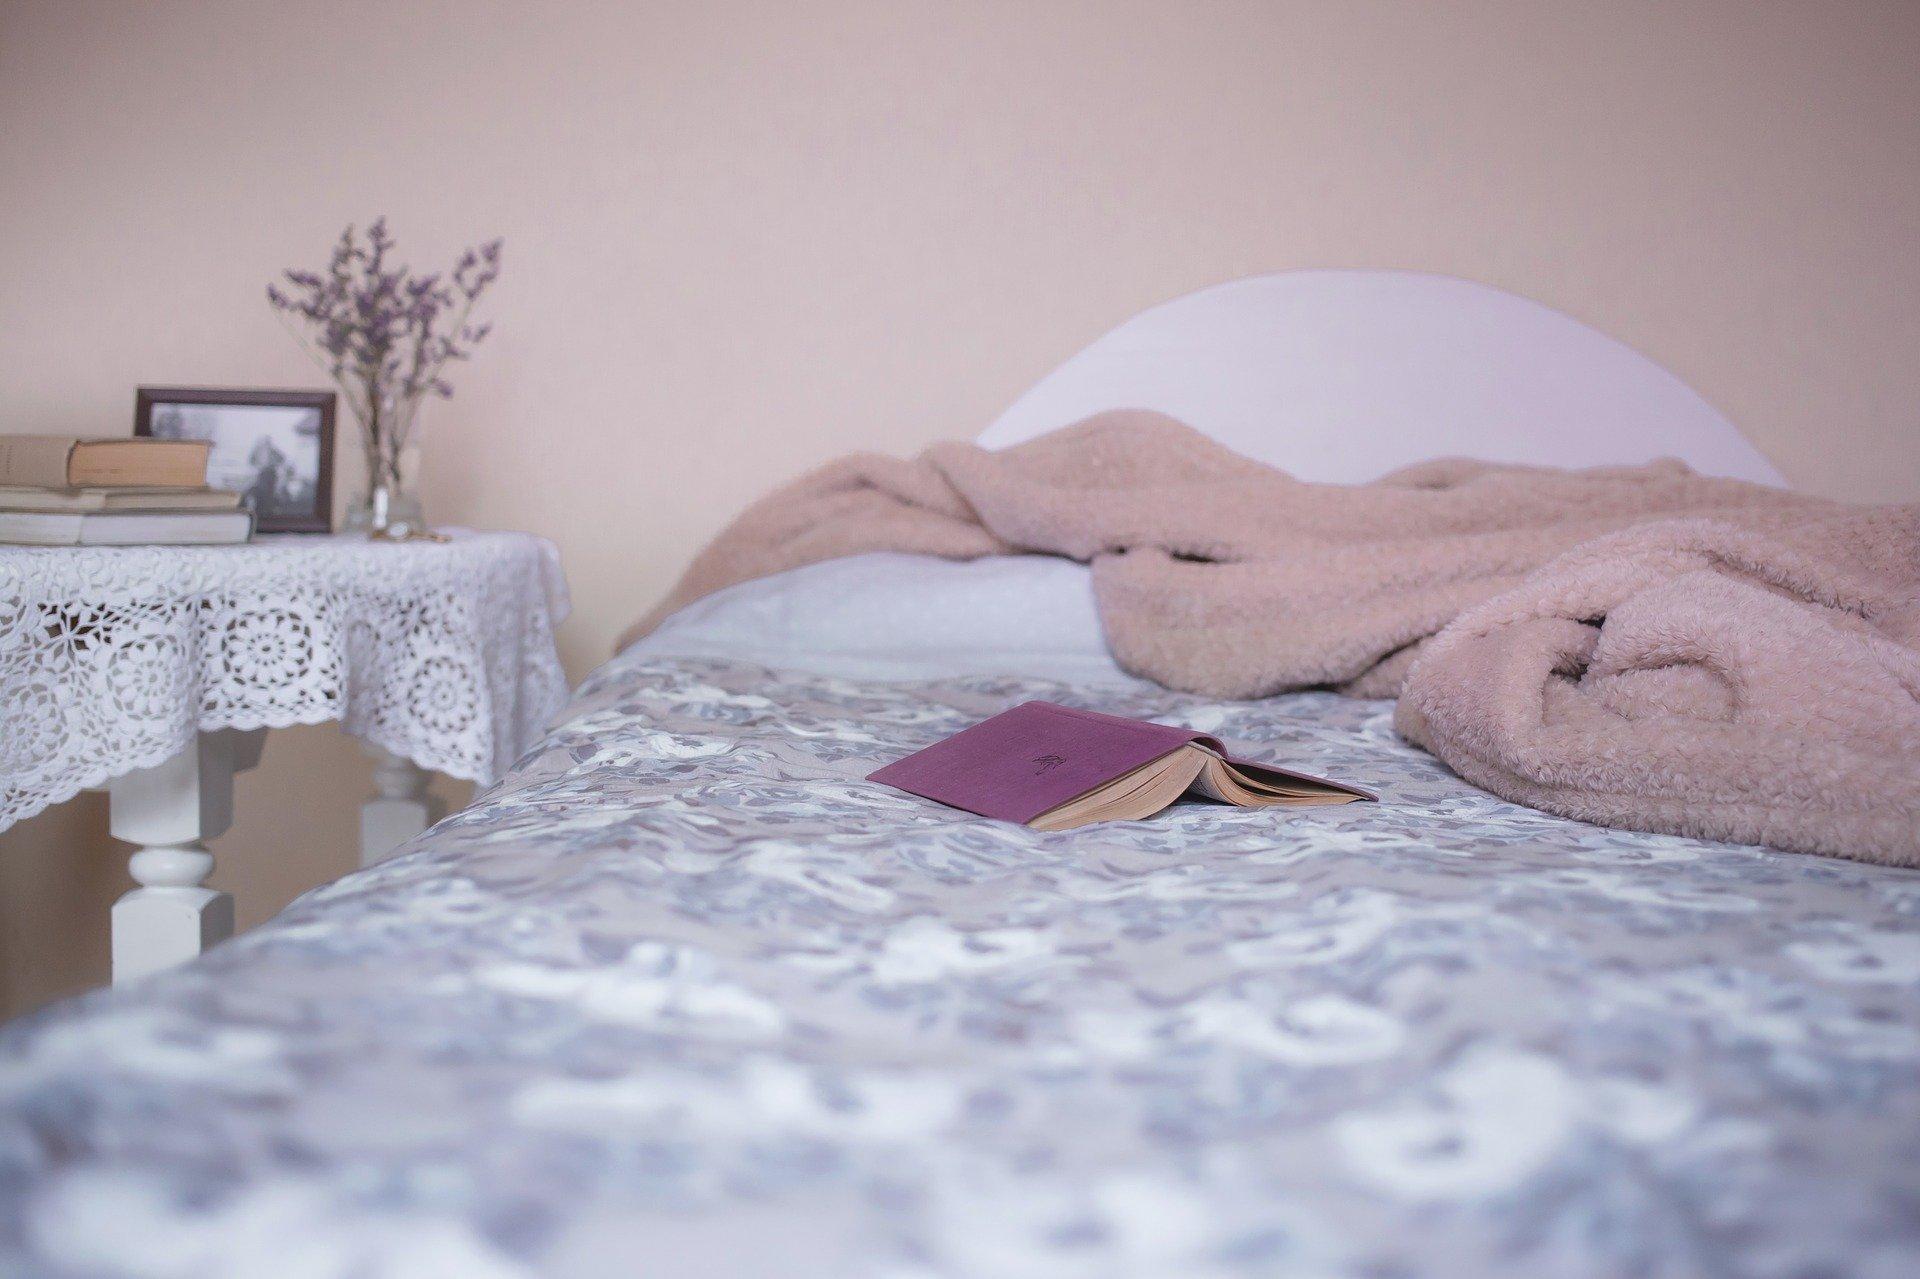 Ilustrasi kamar berantakan. (Pixabay.com)